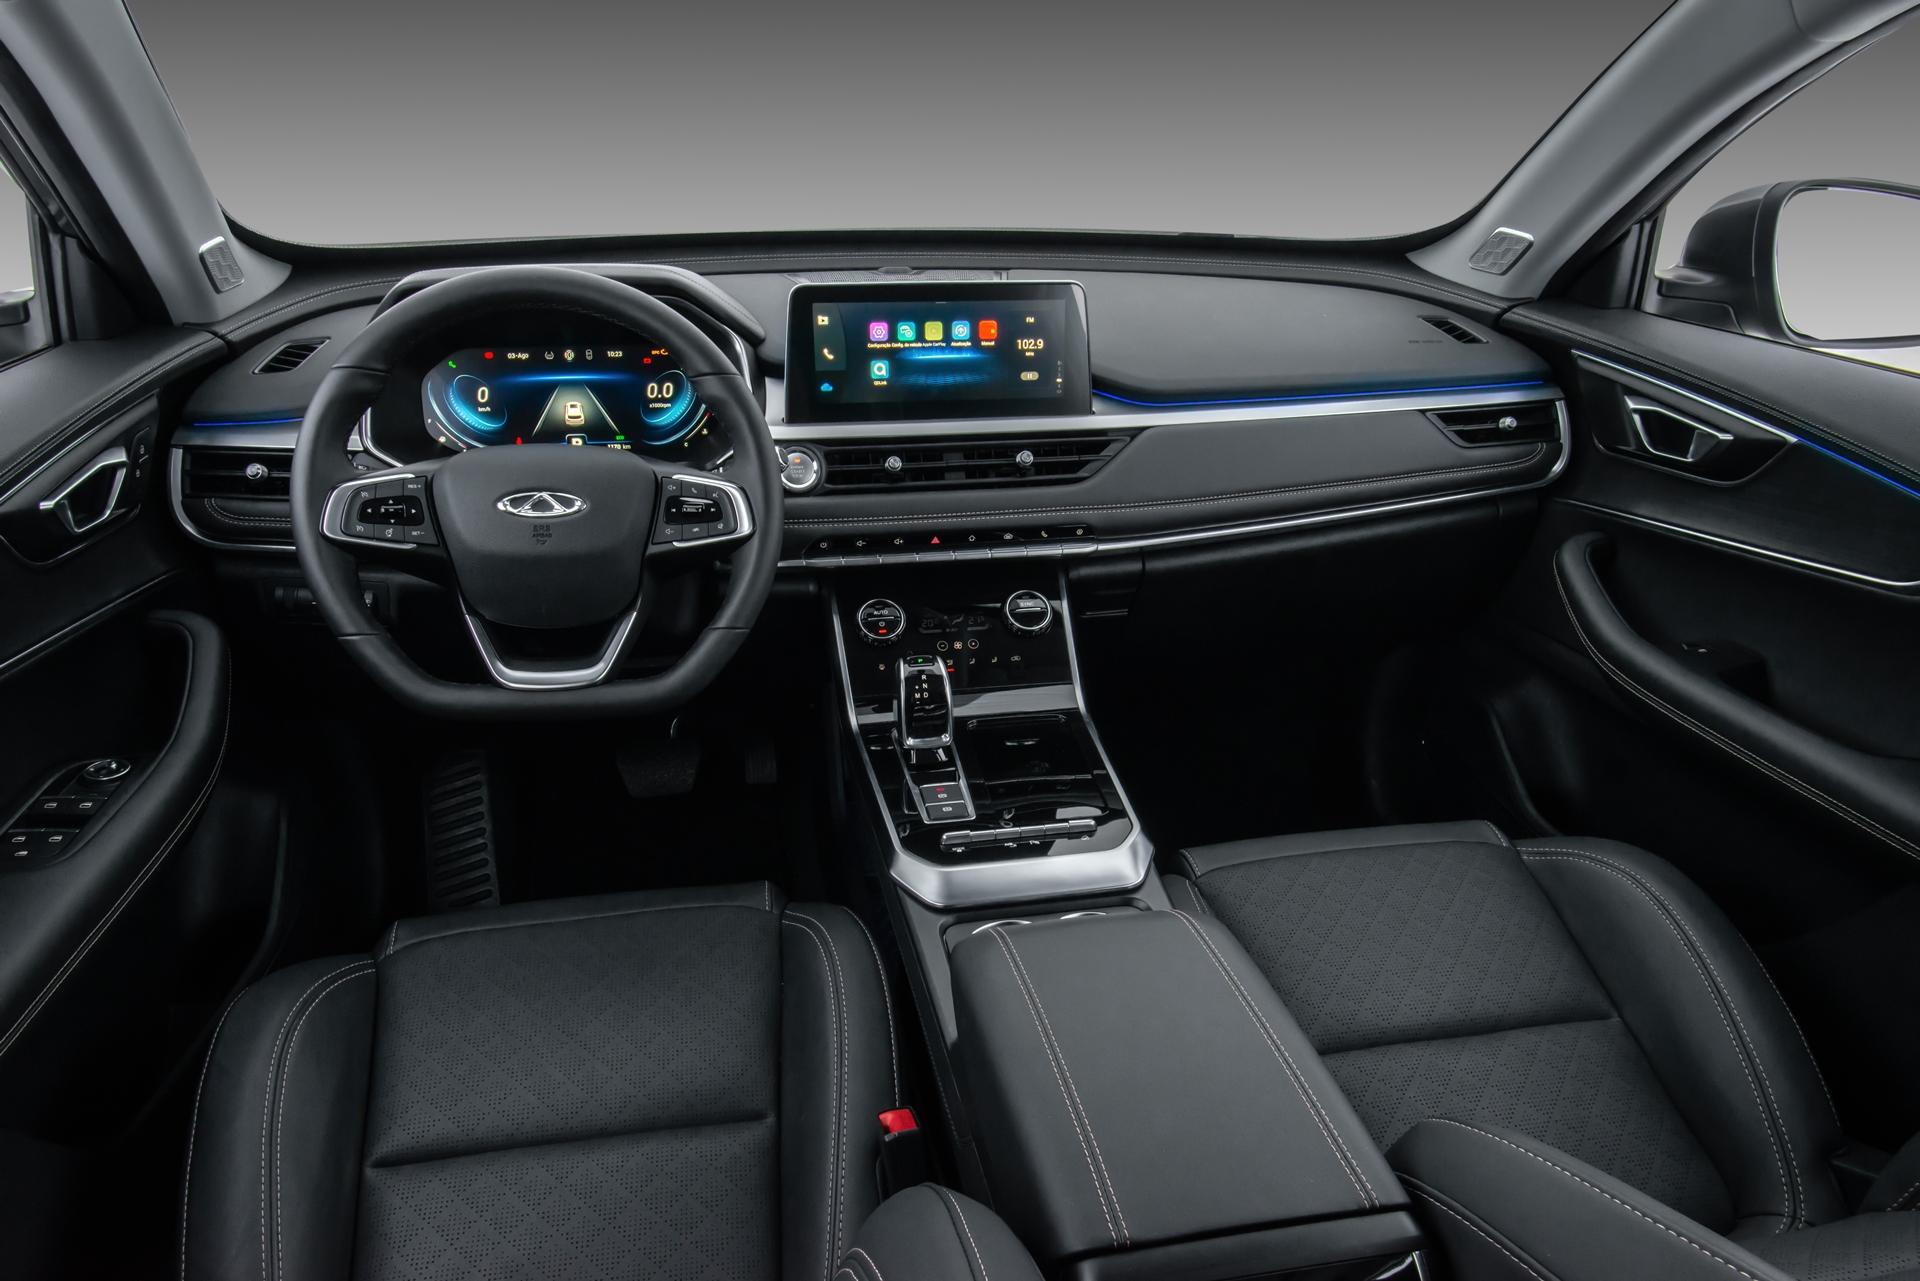 Caoa Chery Tiggo 8 tem uma infinidade de equipamentos de última geração na cabine